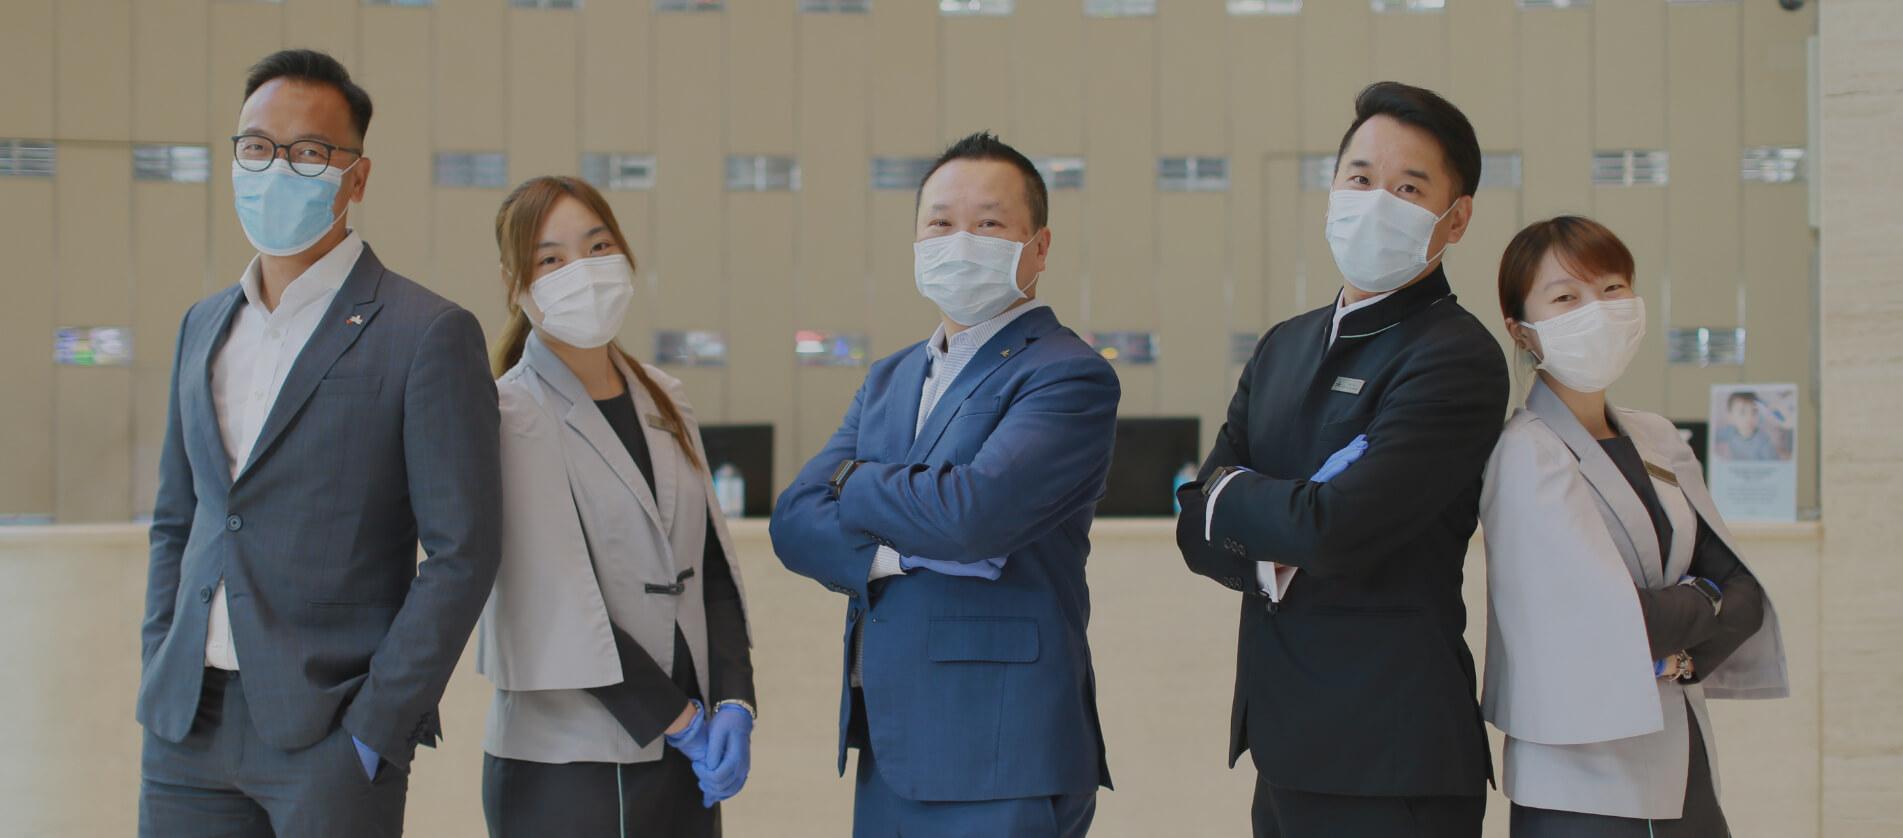 香港旺角帝盛酒店 - Dorsett Cares 承諾